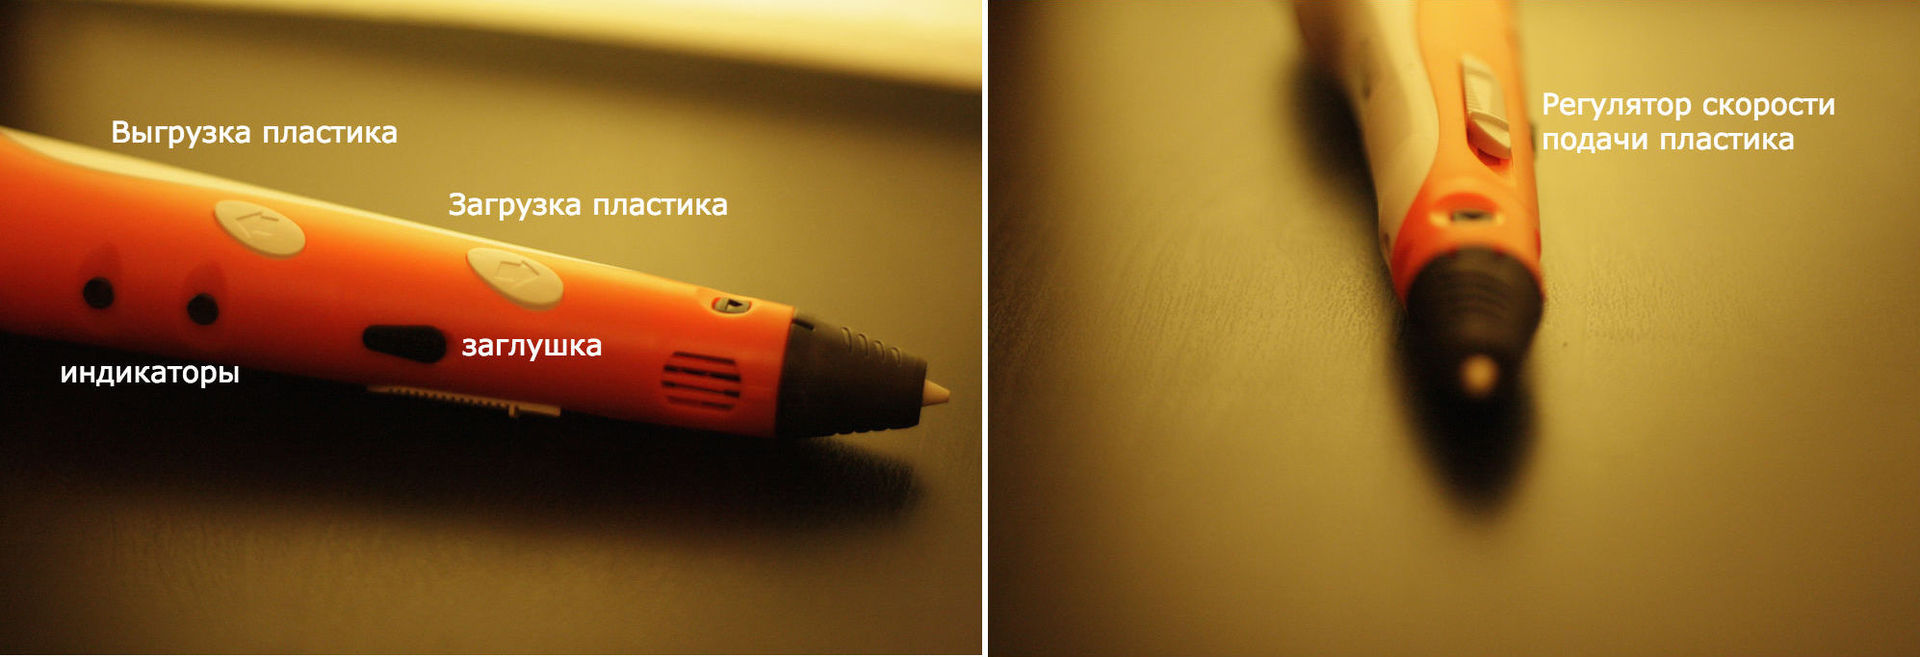 «Пластмассовый мир победил» ©, или субботний вечер с 3D-ручкой 3Dali - 8